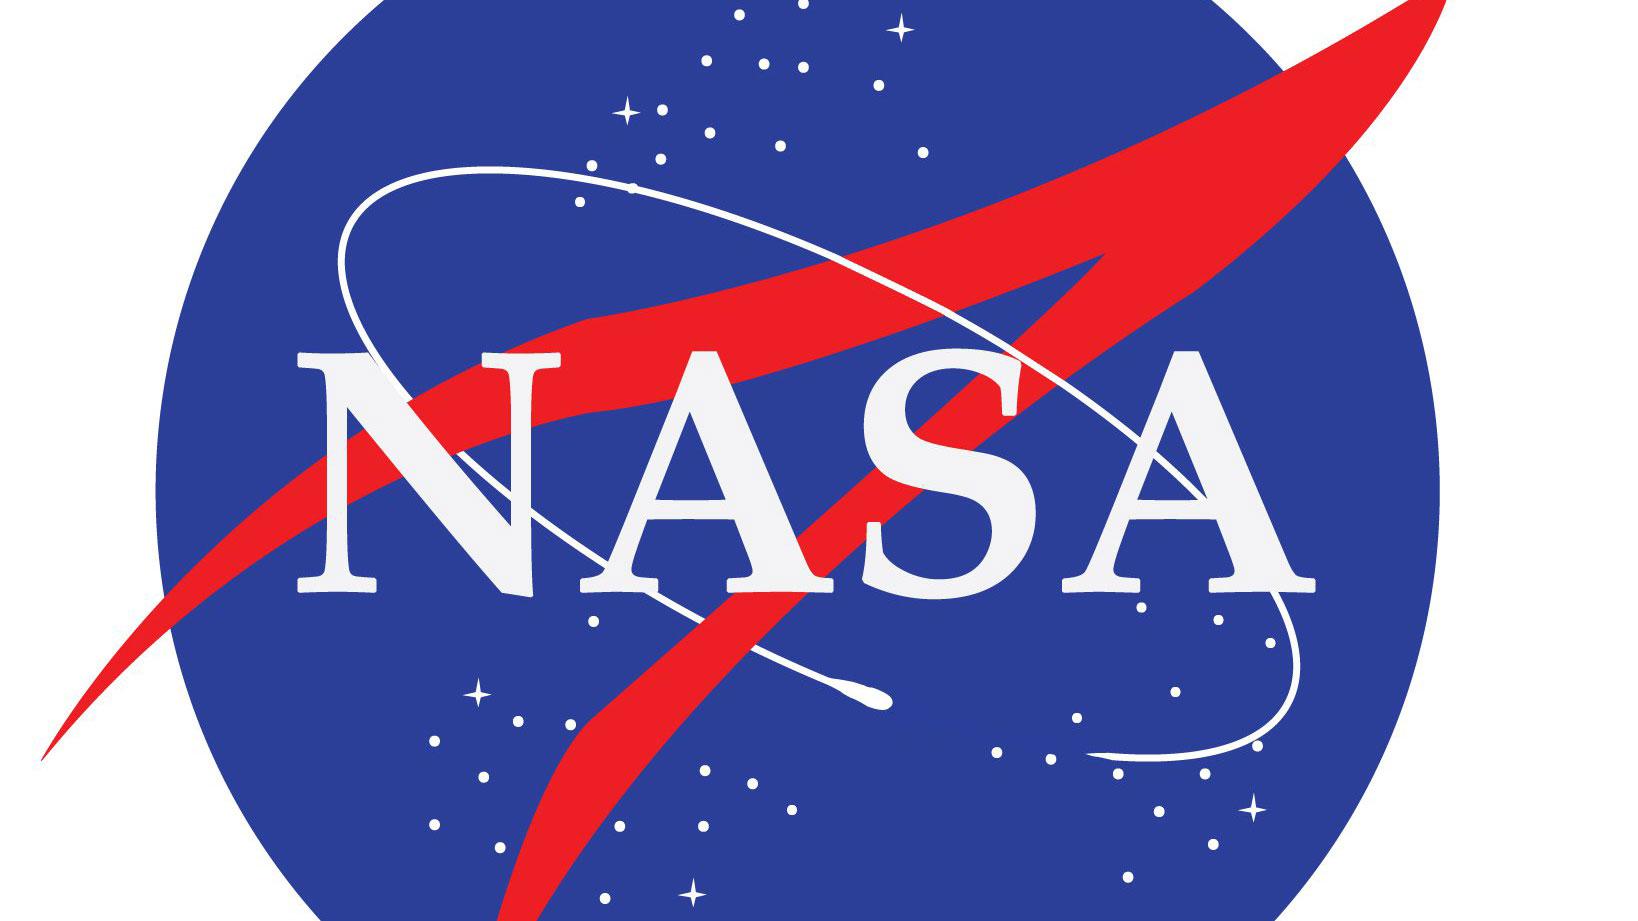 nasa official logo 2017 - photo #10